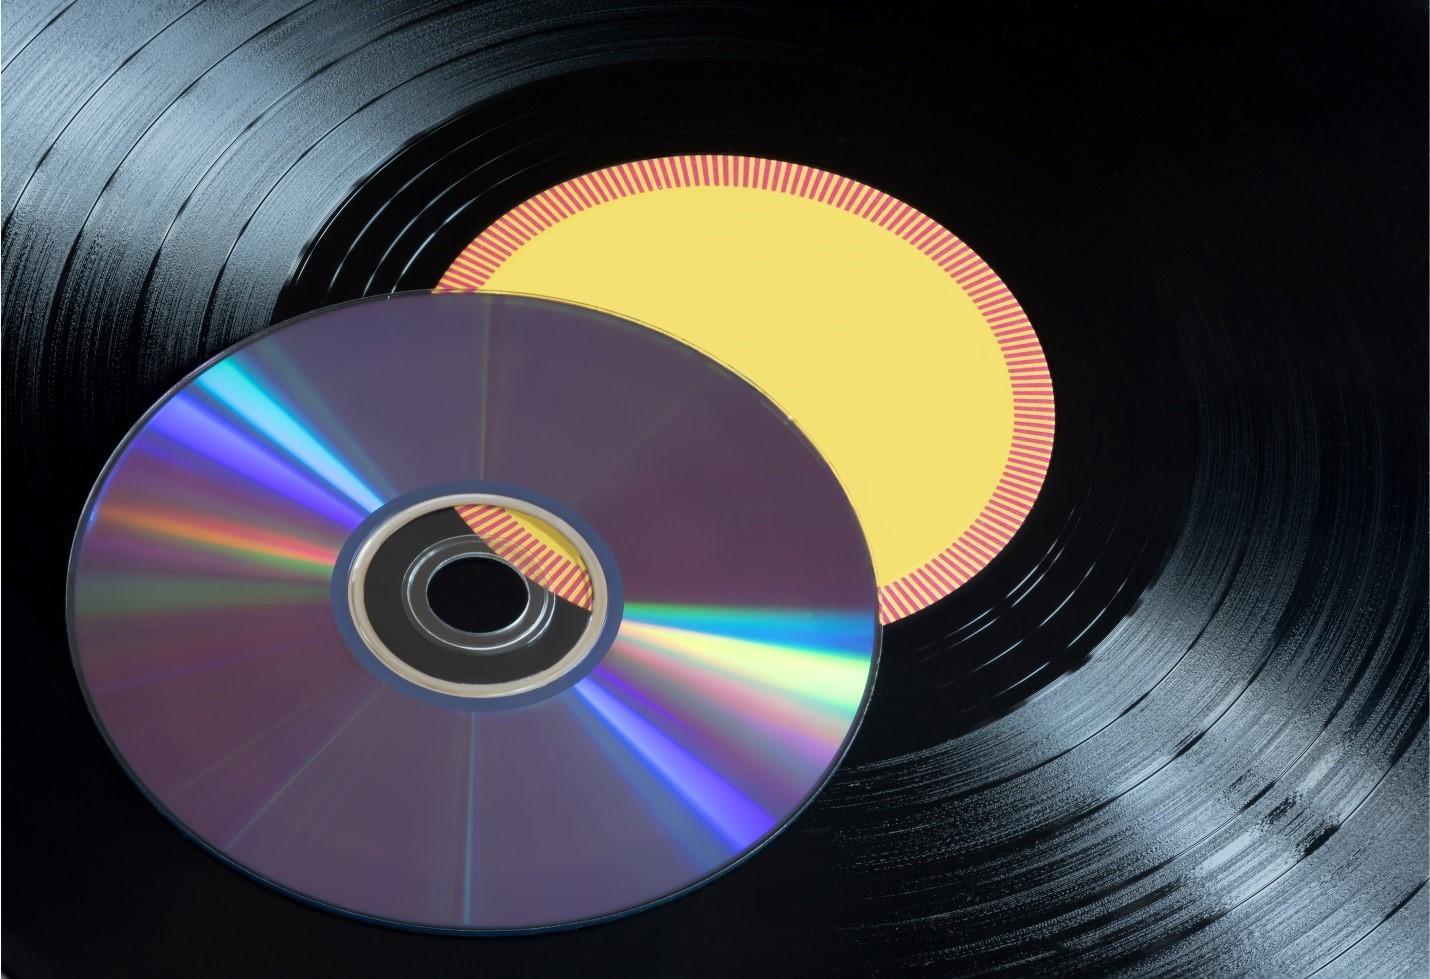 Американец приобрел почти миллион дисков для создания стримингового сервиса